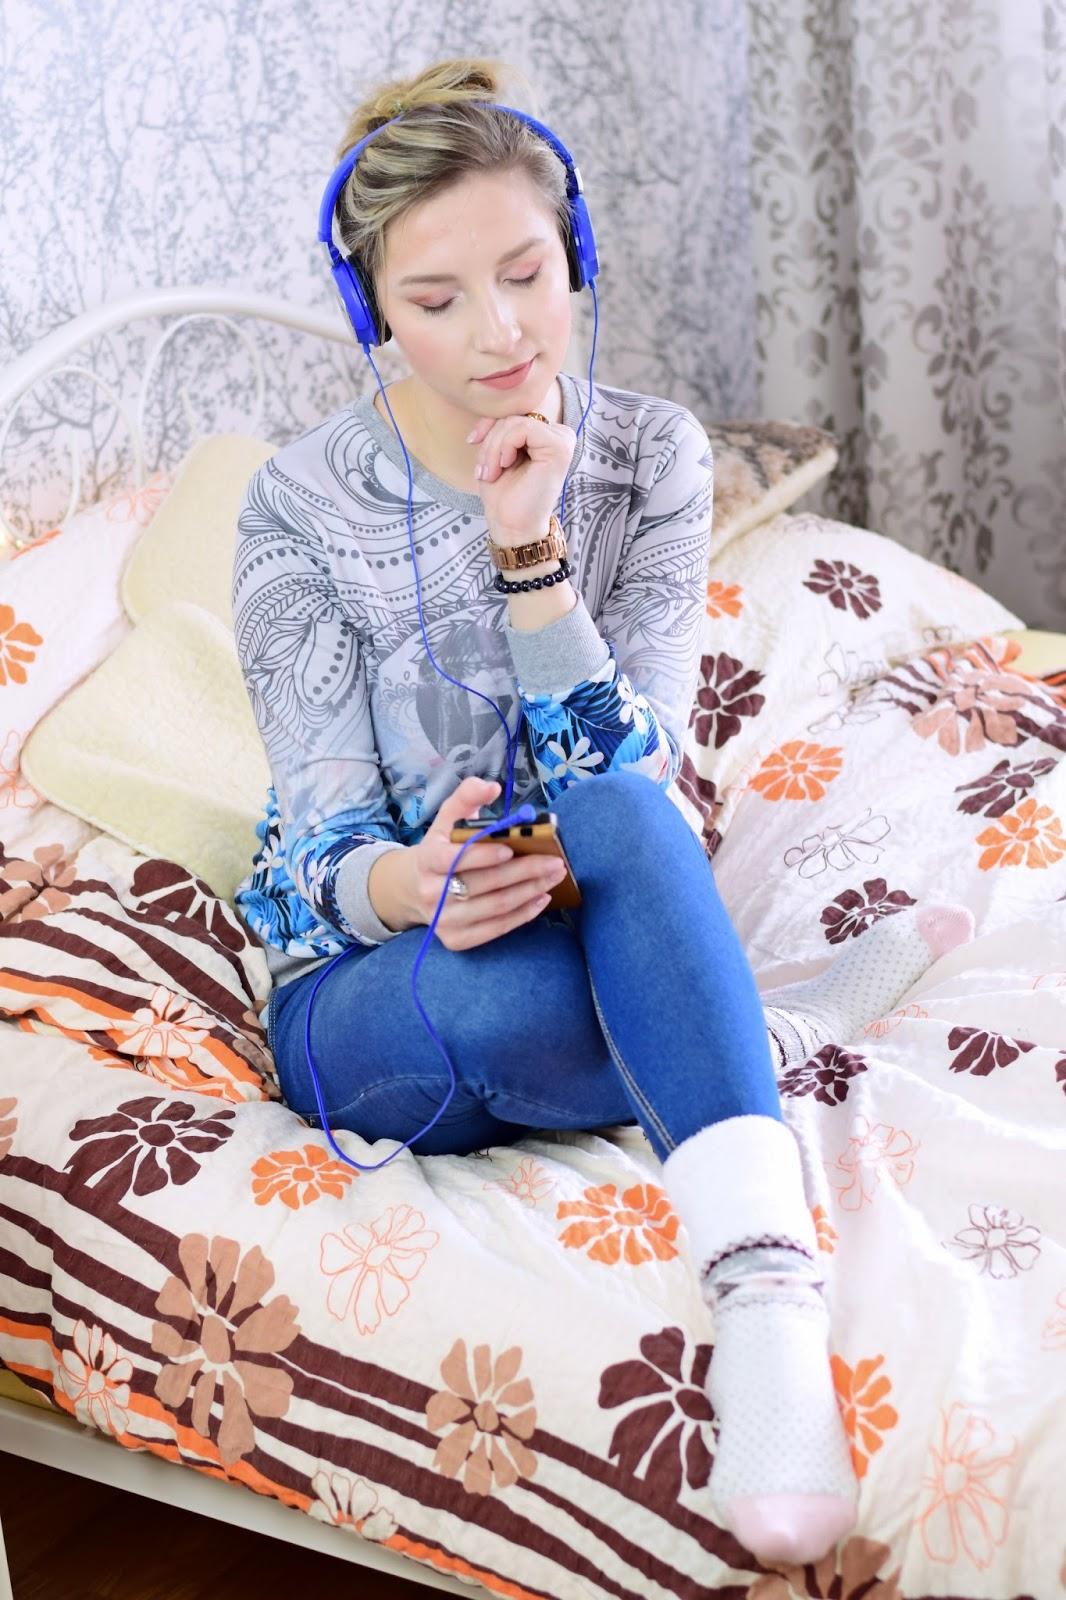 najlepsze_ulubione_sposoby_na_relaks_odprężenie_się_odpoczynek_blog